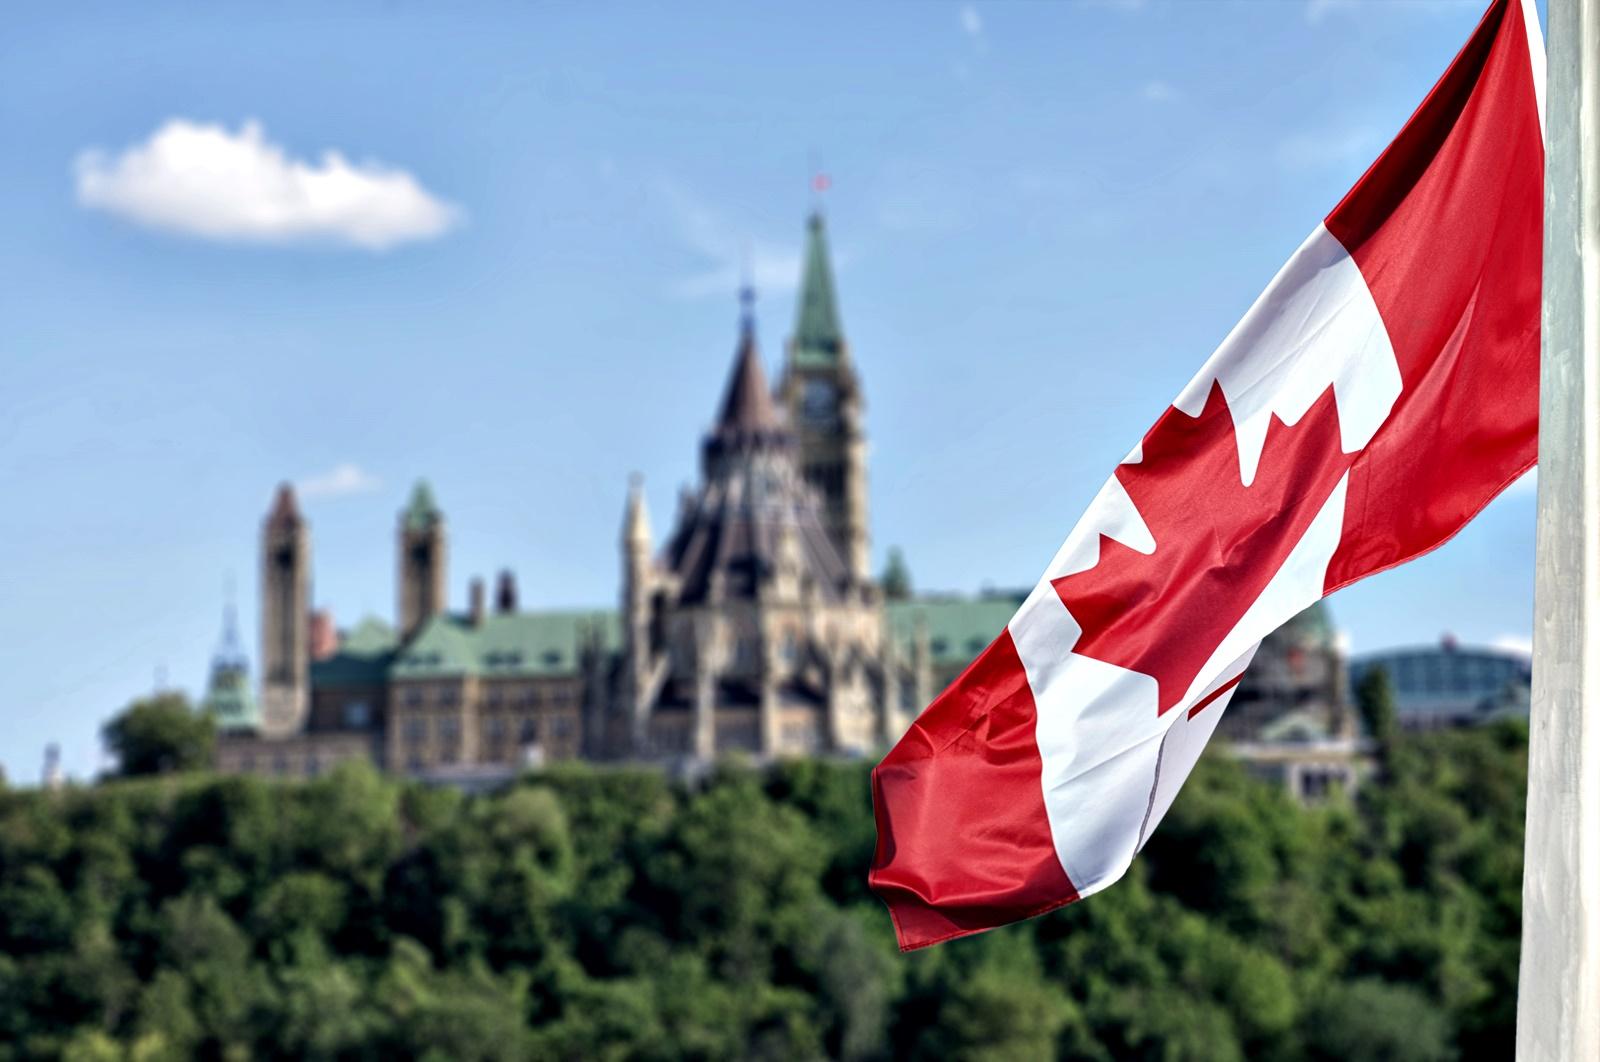 Канадците всъщност празнуват Деня на благодарността много преди американците. Смята се, че мореплавателят Мартин Фробишър дава начало на традицията на Нюфаундленд, където той и екипажът му се отблагодаряват за успешното си пътешествие до Северна Америка.<br /> Днес празникът се пада във втория понеделник от октомври и се отбелязва с празнична вечеря, която може и да започне още през уикенда. На празничната трапеза присъства пуйка или пилешко, придружени от разядки, сладки картофи и царевица, а за десерт традиционно има тиквен пай.